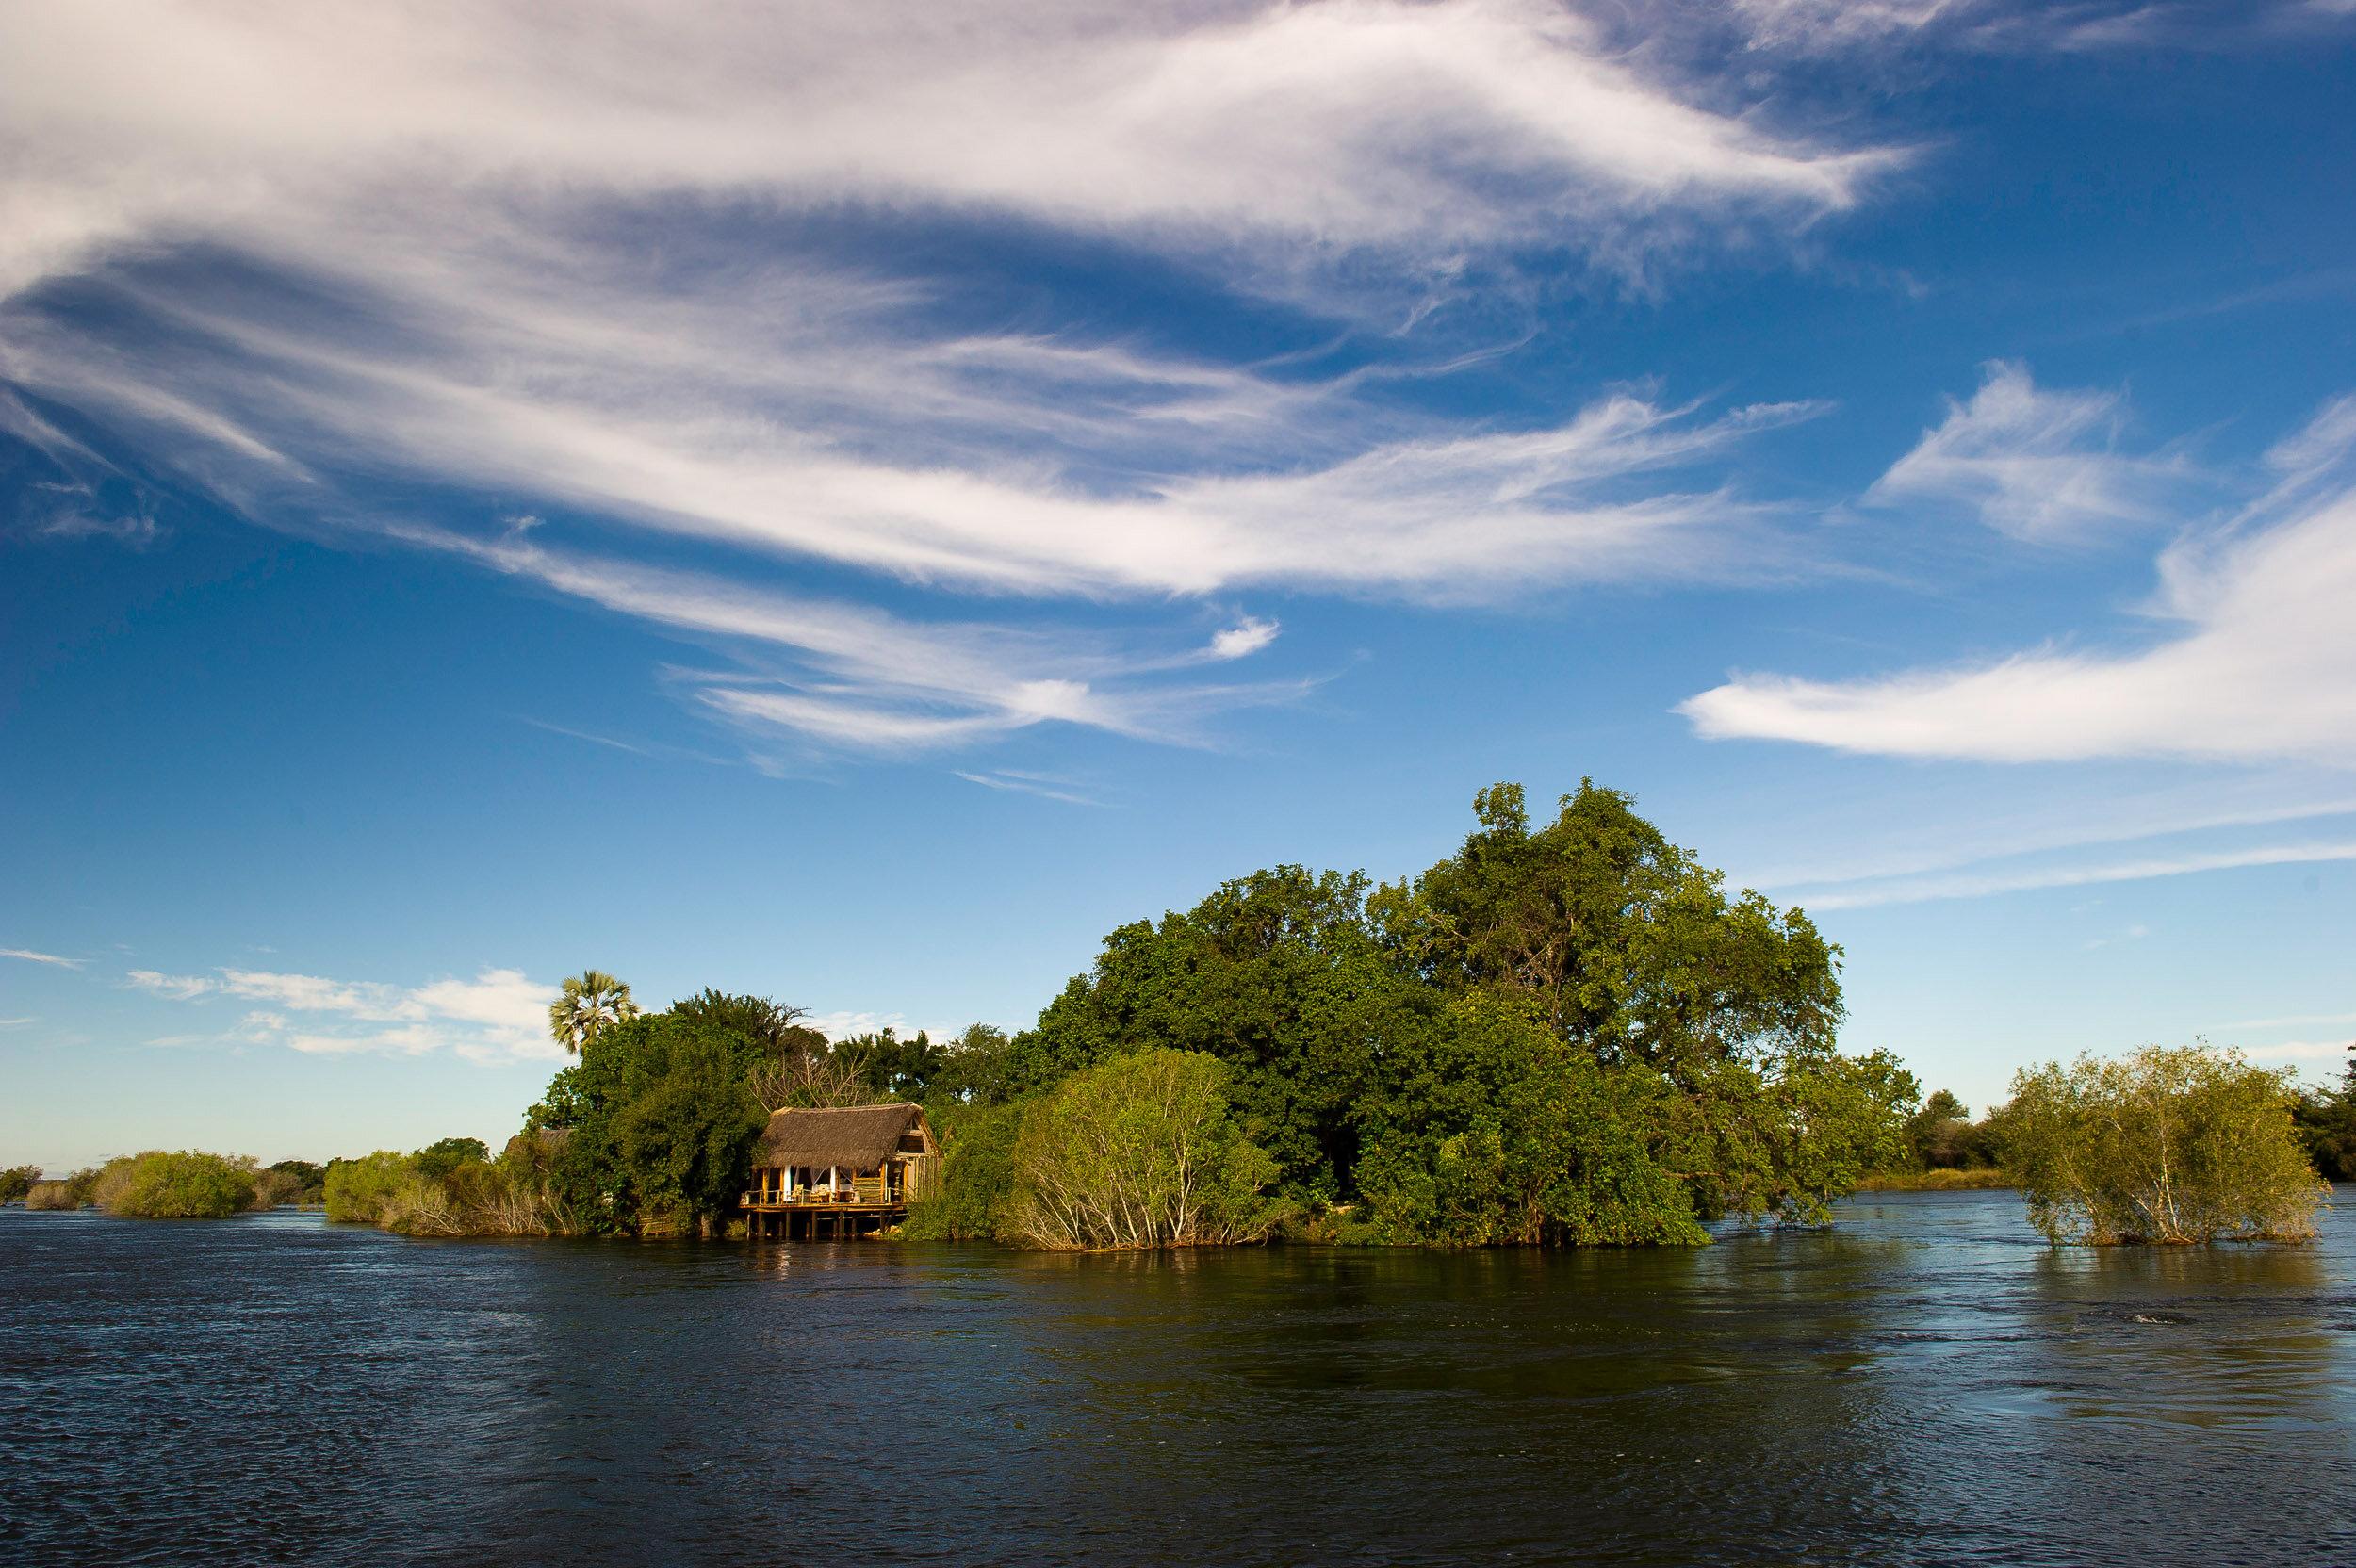 victora falls - zambia - sindabezi island